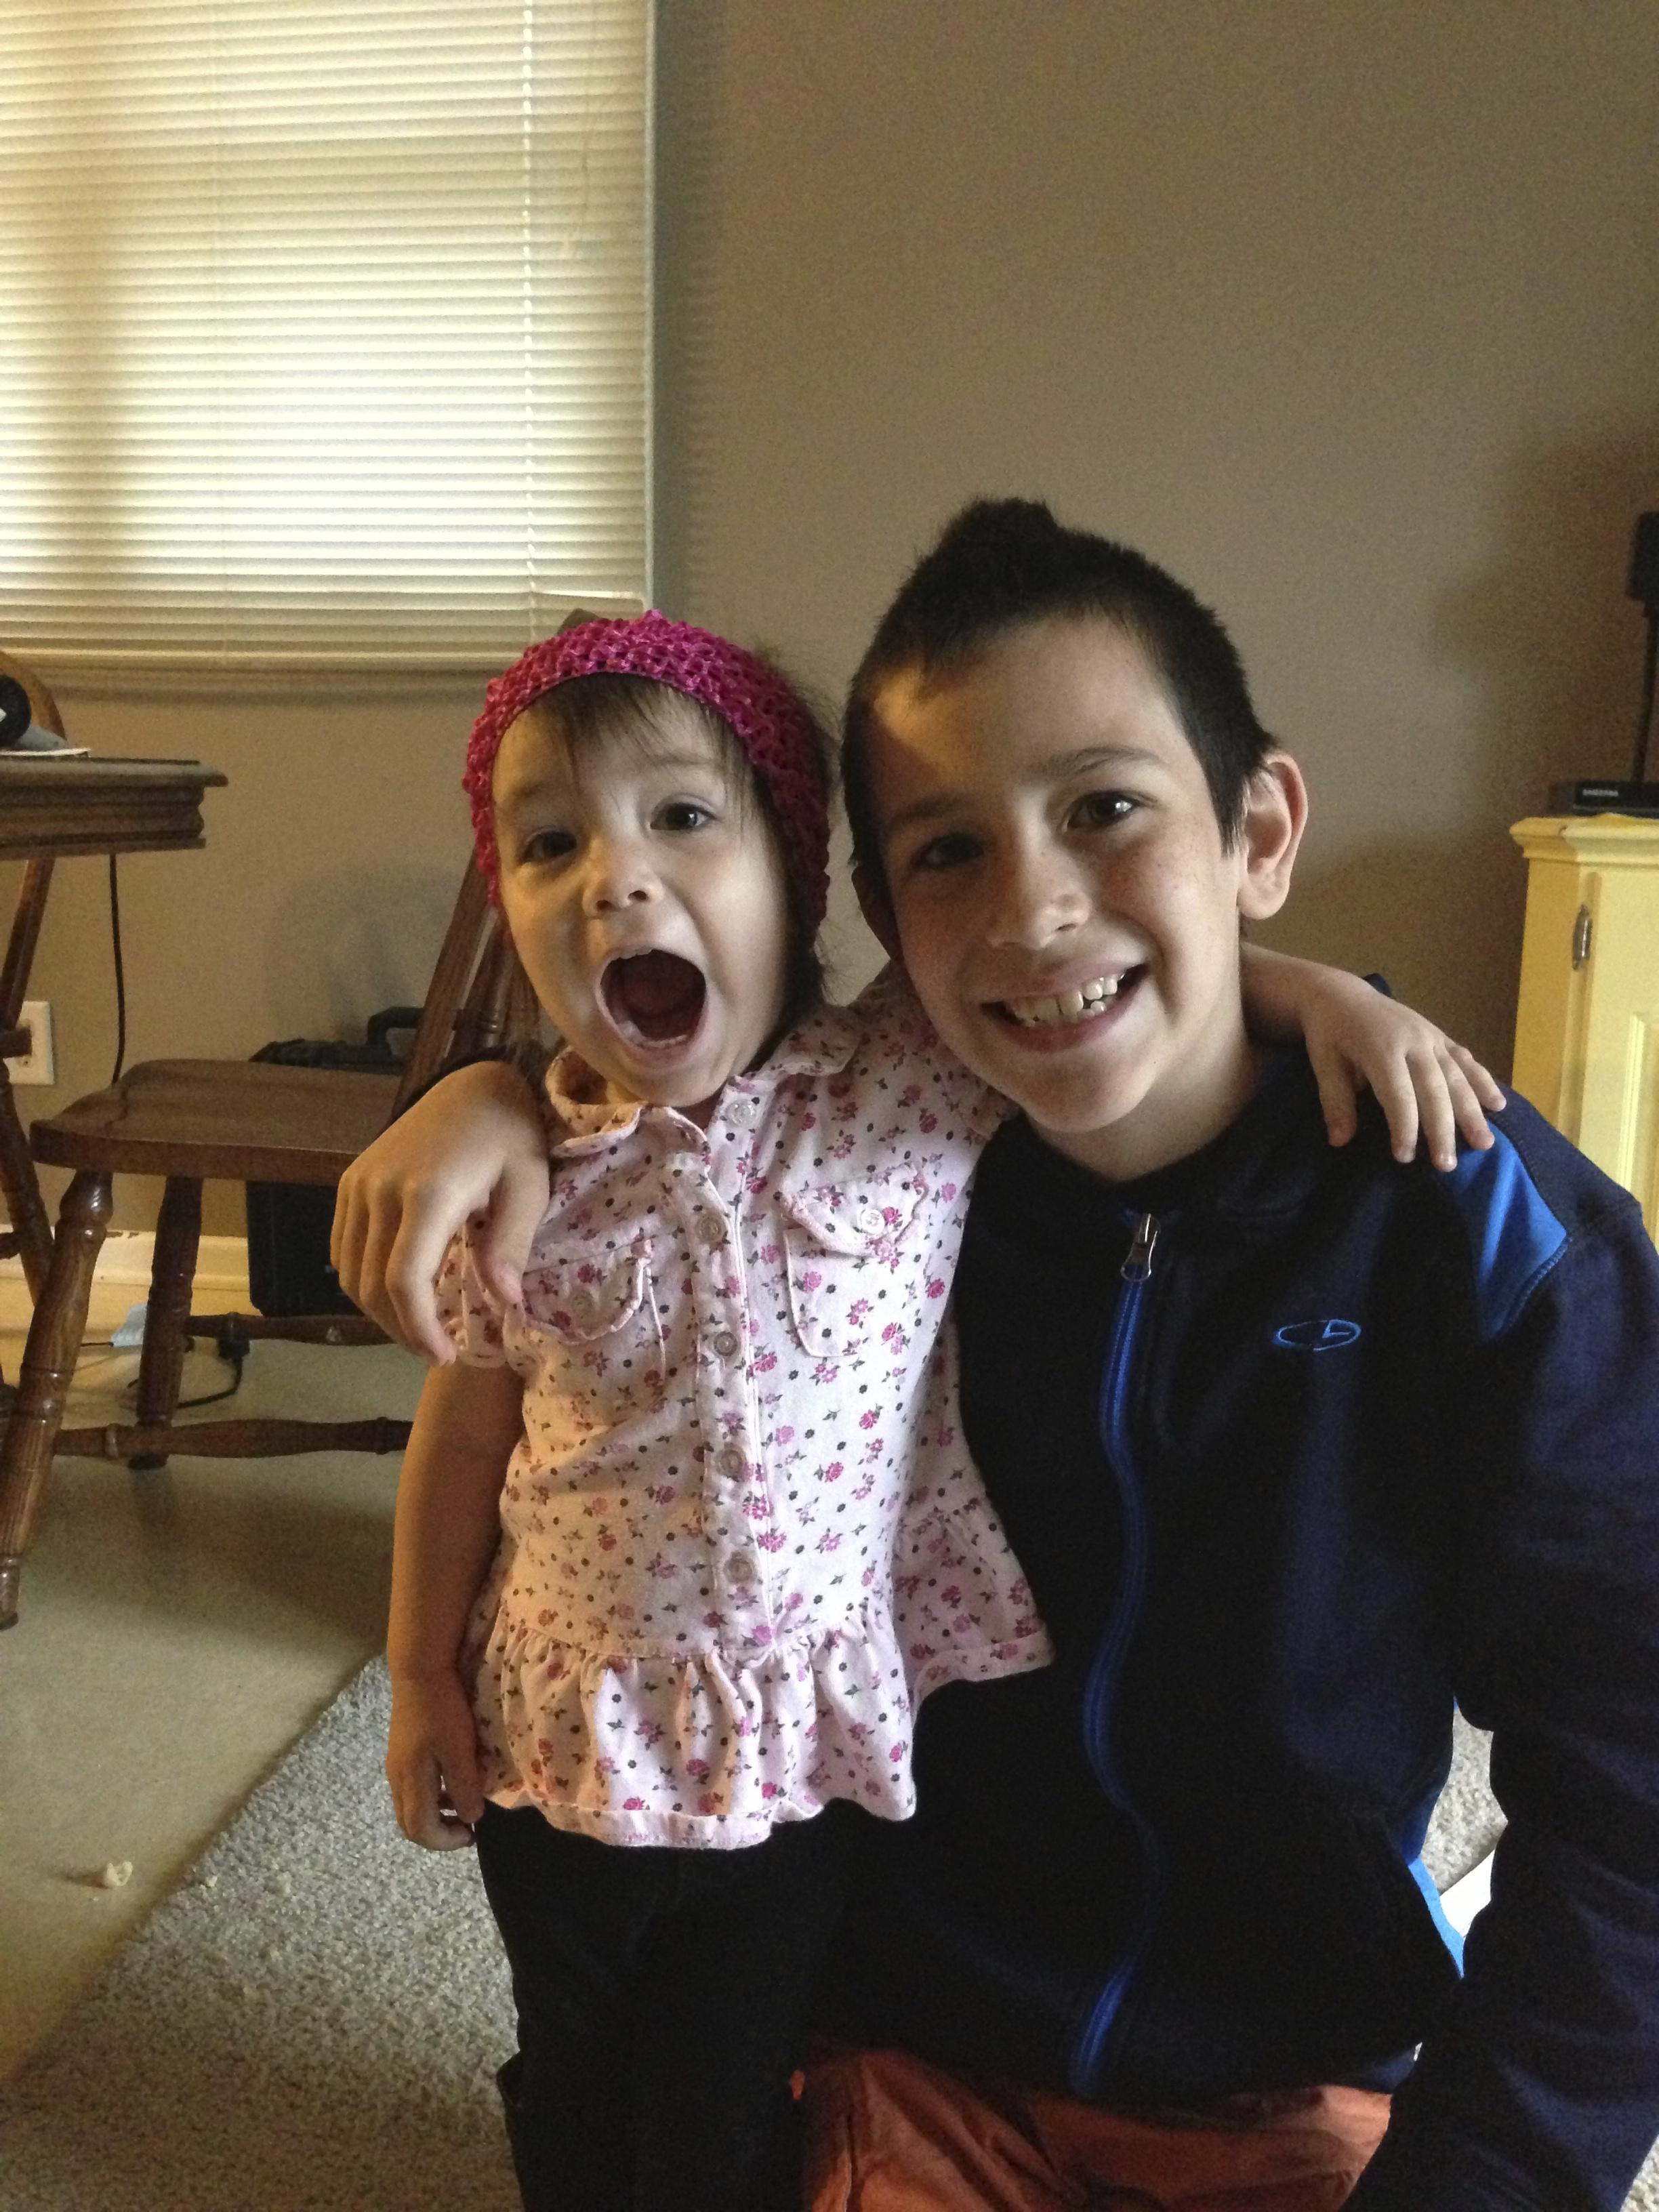 Lola & Logan